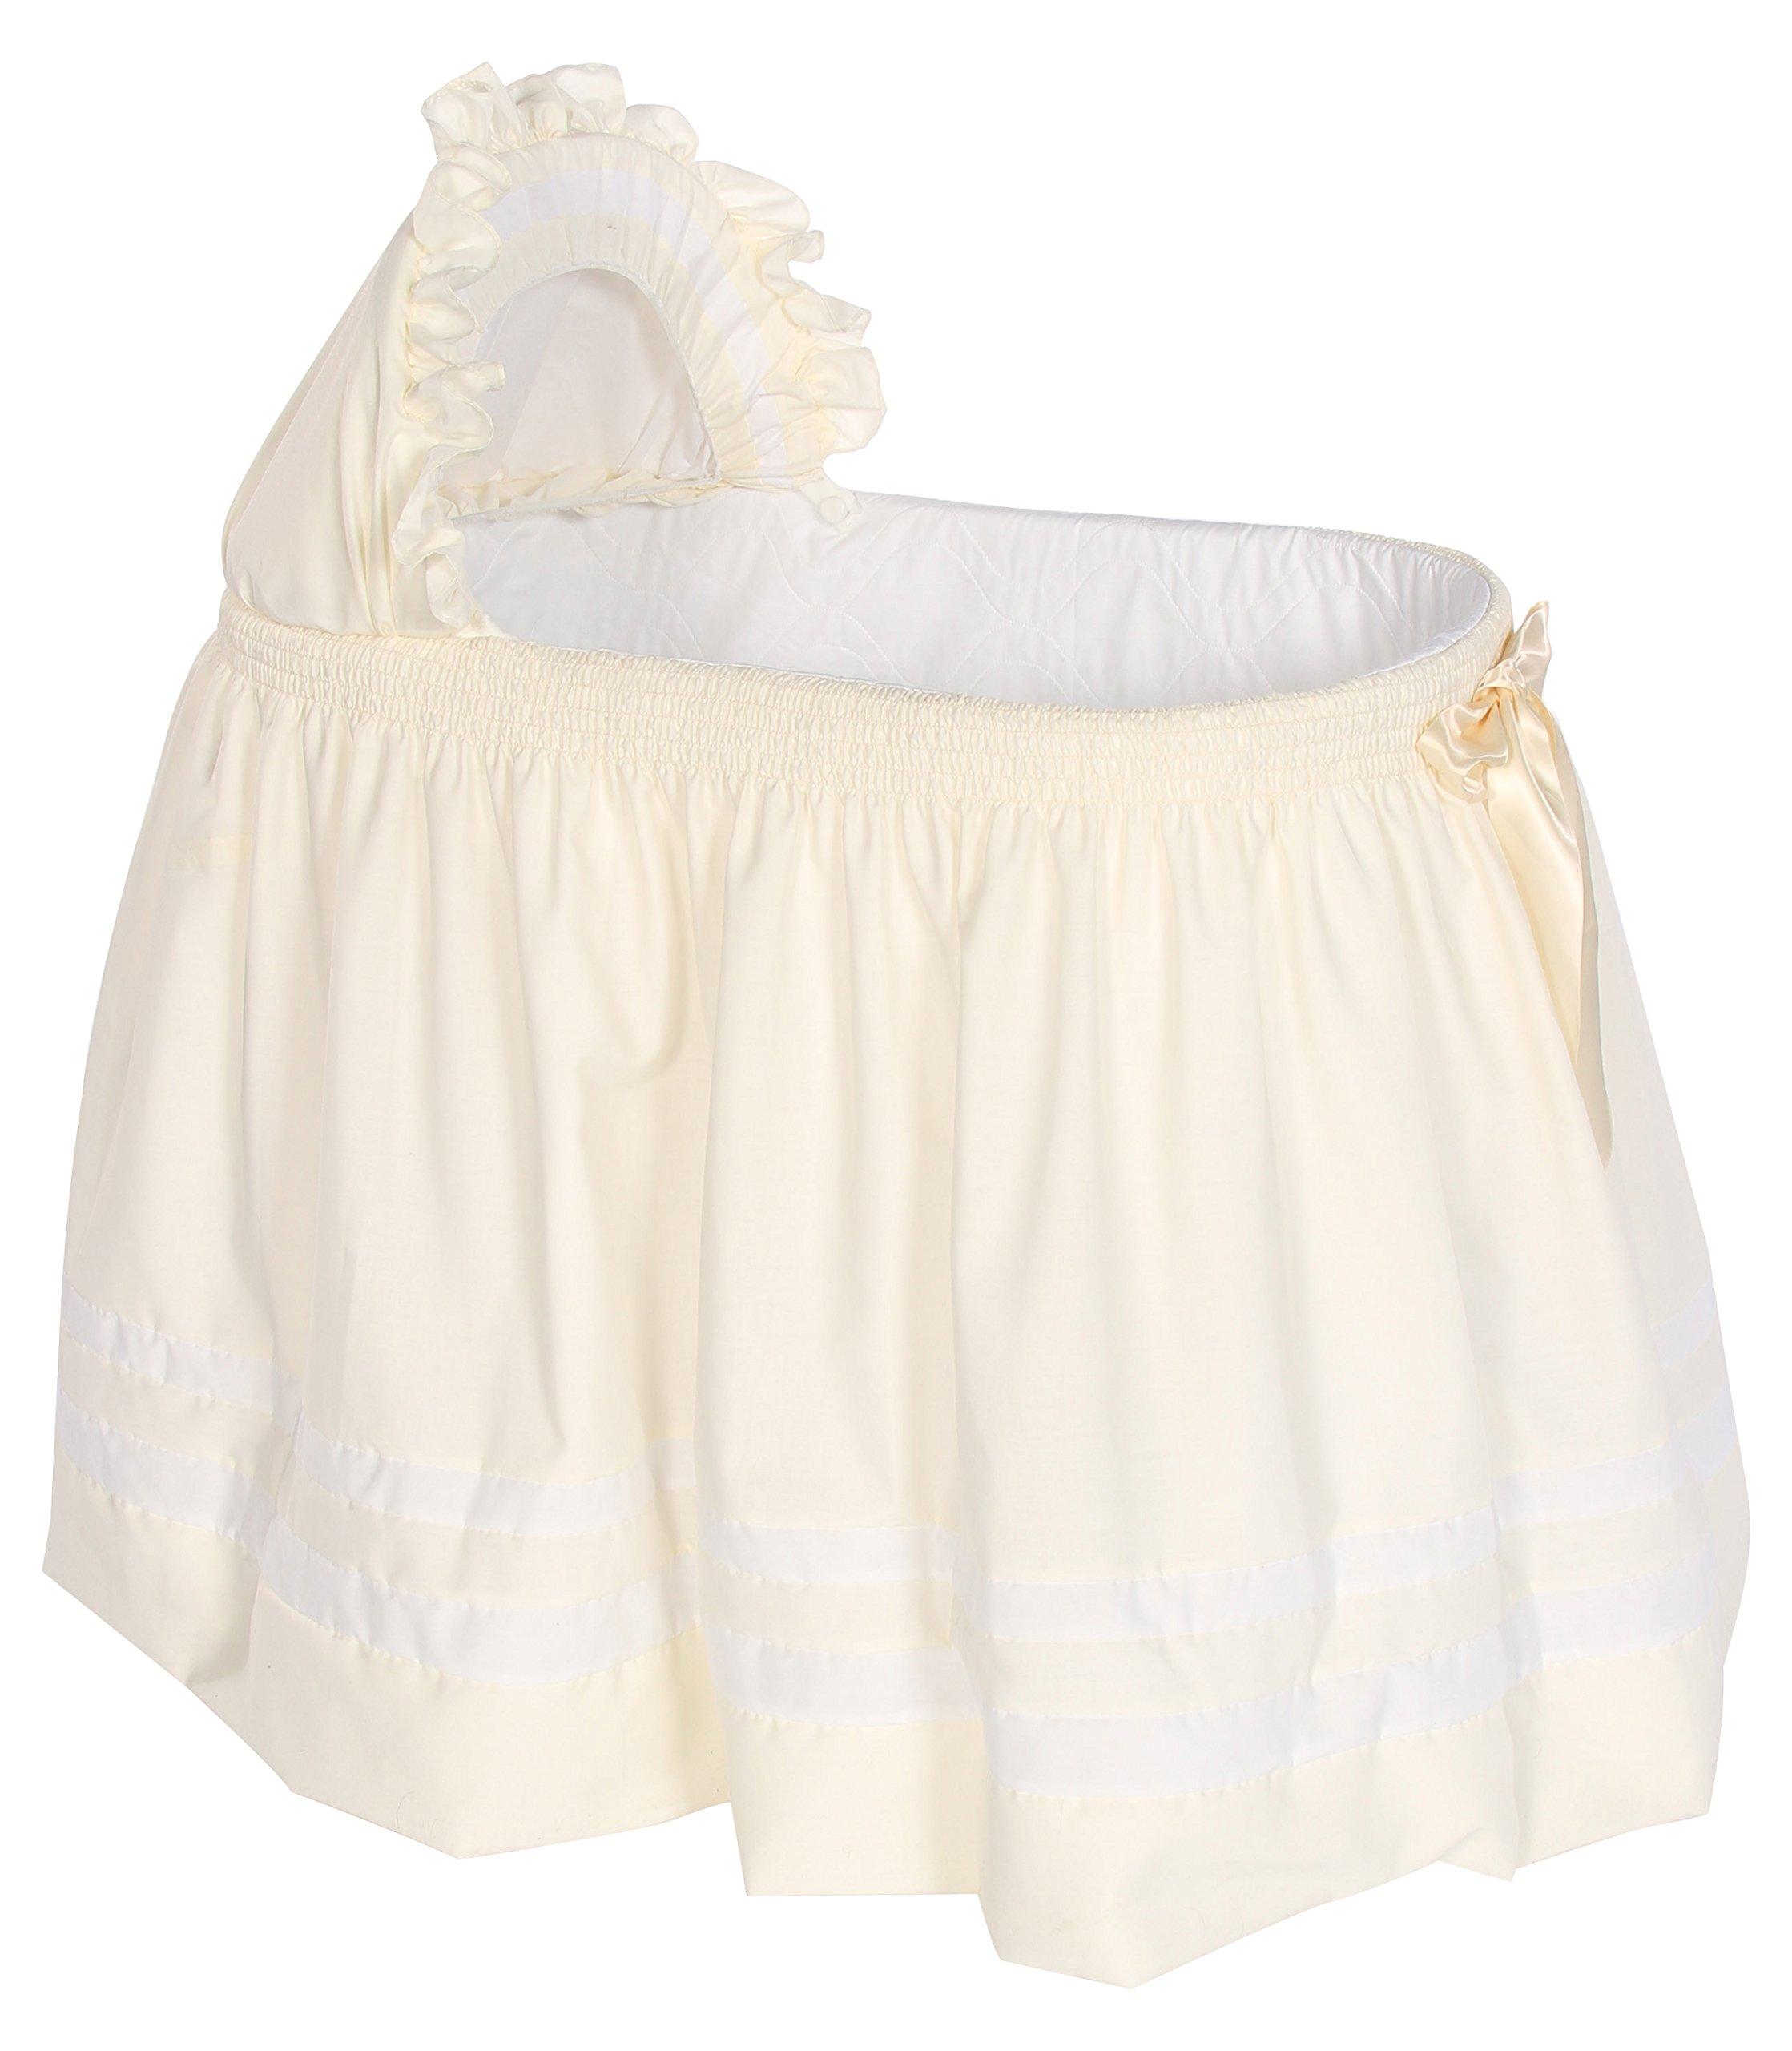 Babykidsbargains Lillian Bassinet Liner Skirt and Hood, Ivory/White, 16'' x 32''